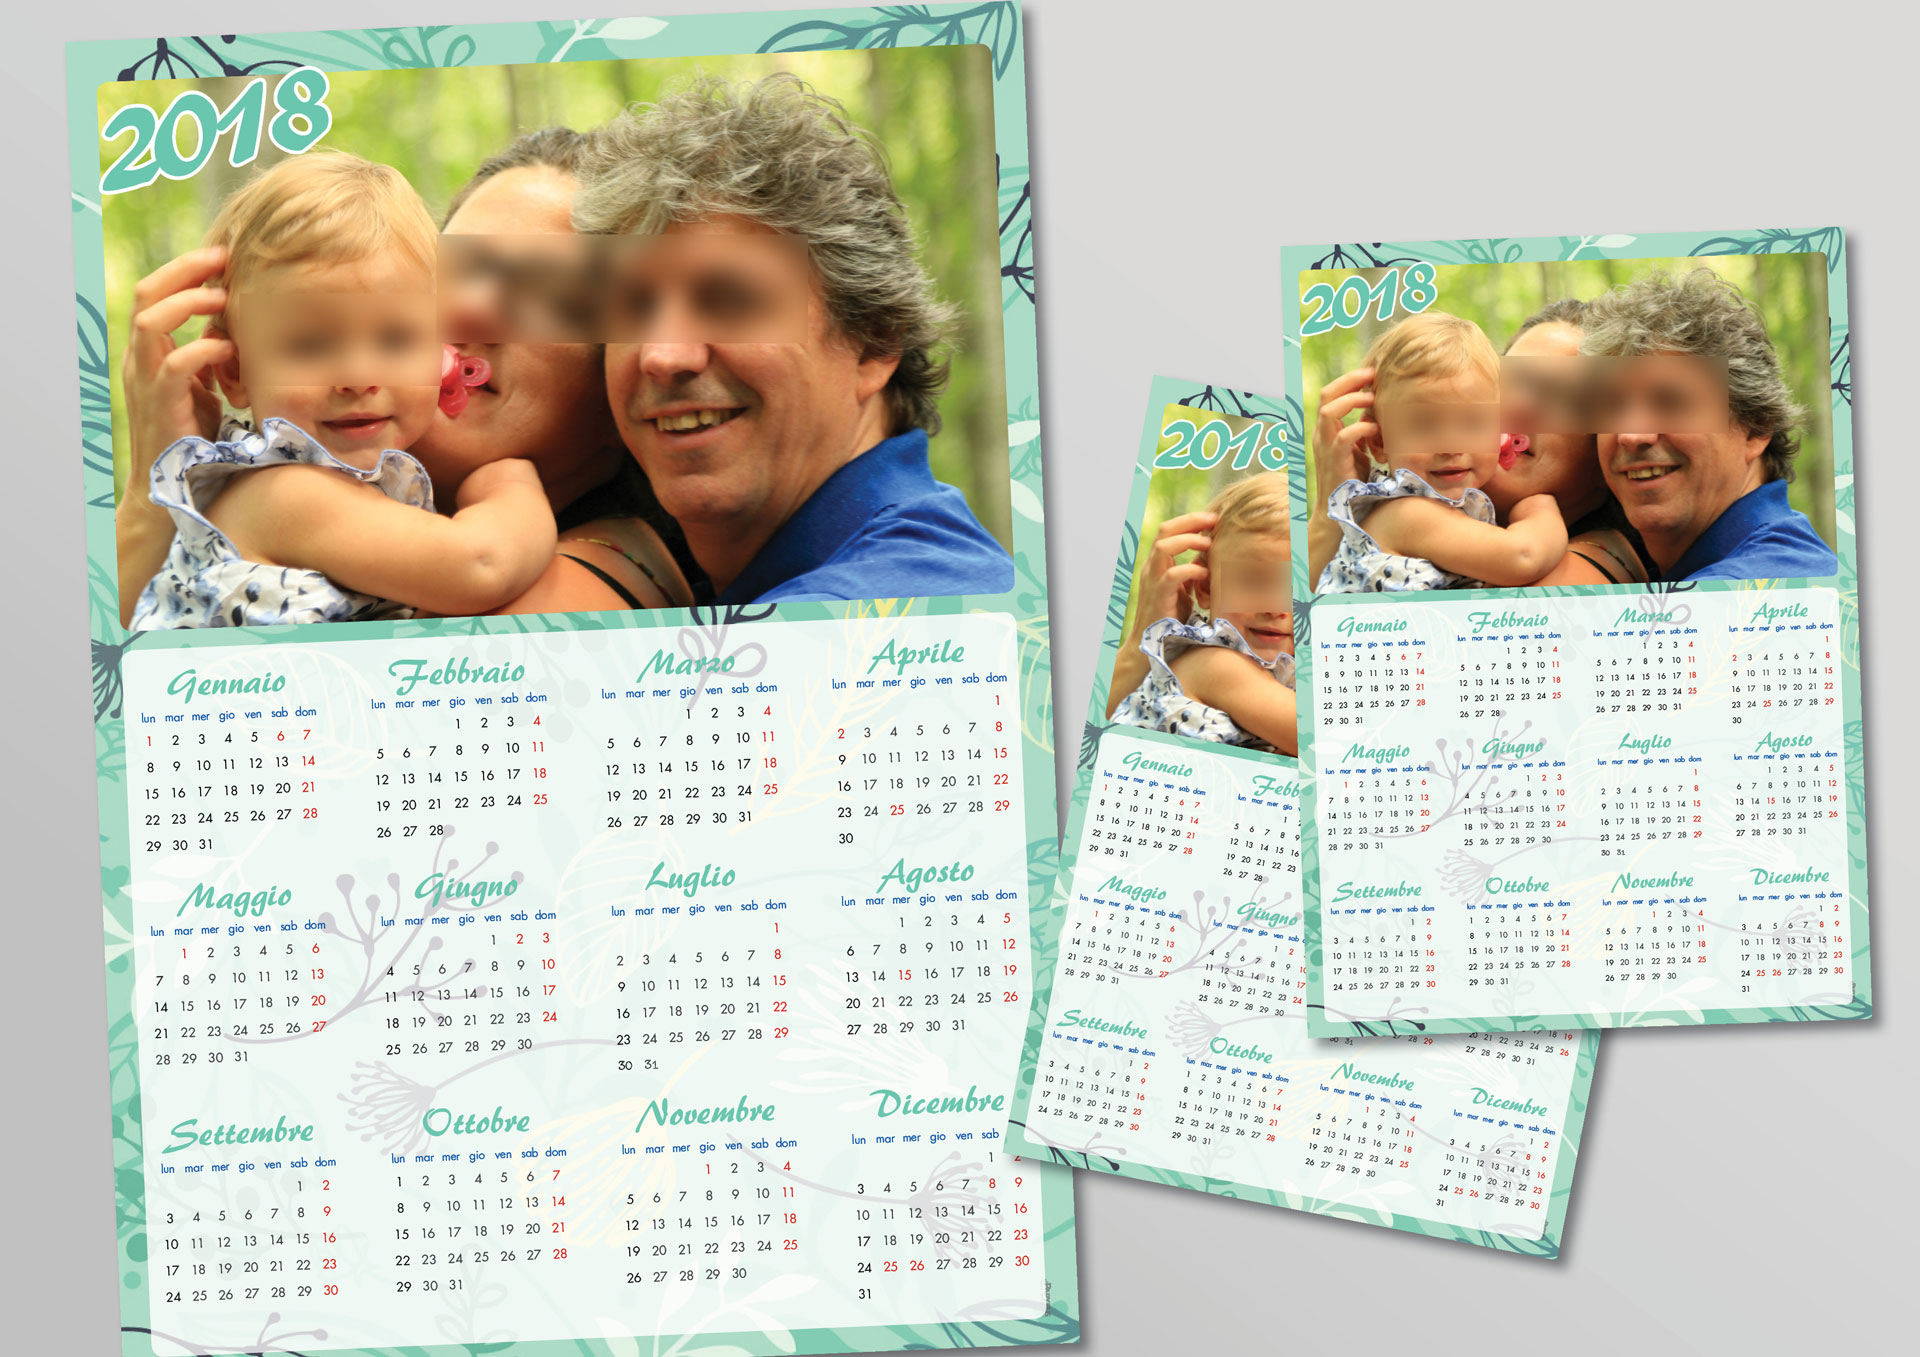 Calendario Banci